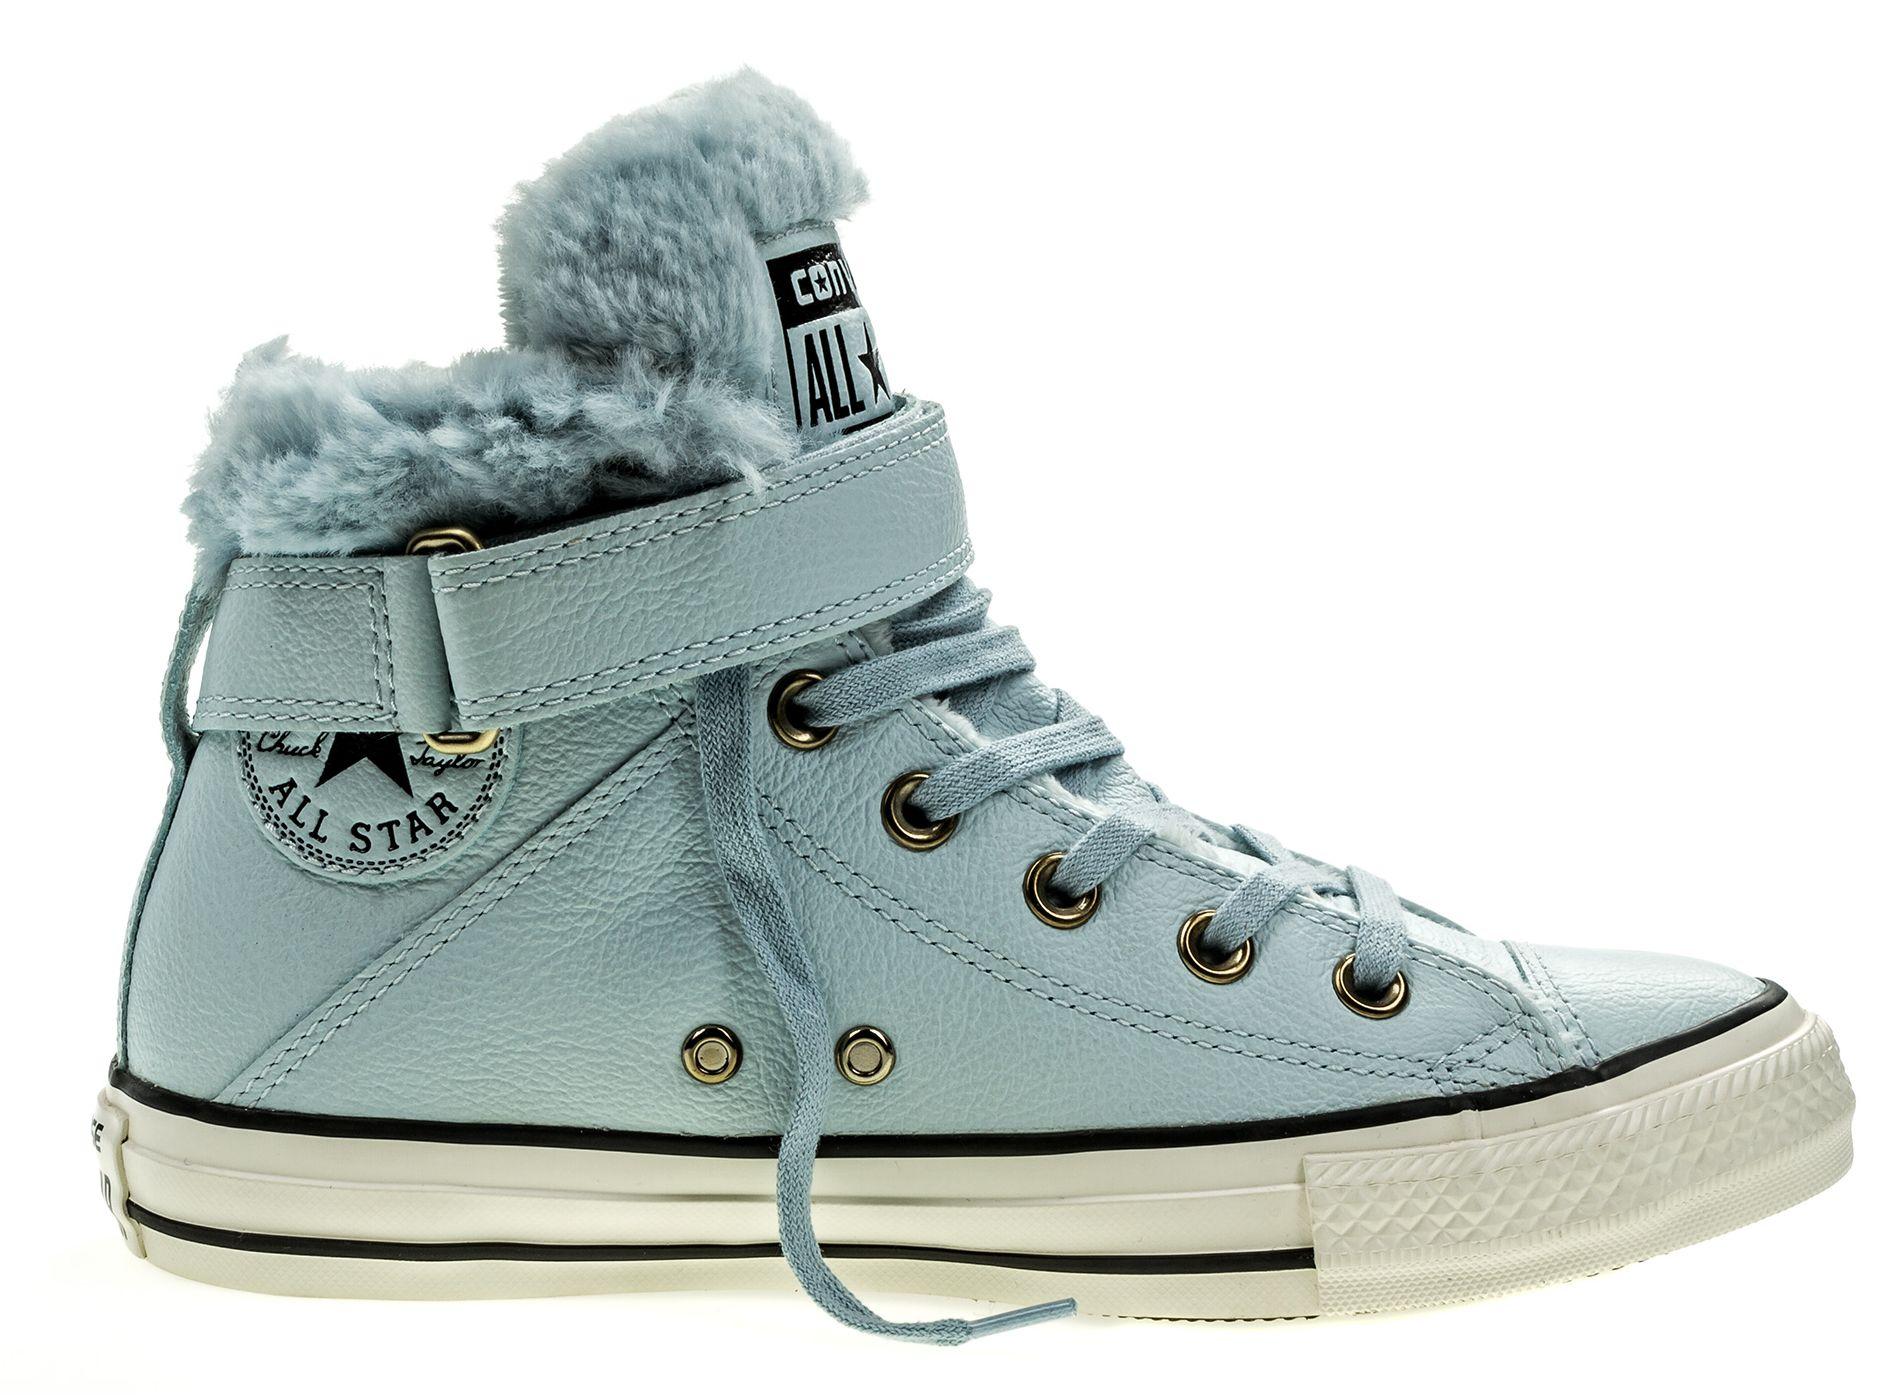 Кеды553394Модные женские кеды Chuck Taylor All Star Brea Leather + Fur от Converse выполнены из натуральной кожи. Внутренняя поверхность и стелька из искусственного меха не дадут ногам замерзнуть. Шнуровка и ремешок с застежкой-липучкой надежно зафиксируют модель на ноге. Подошва дополнена рифлением.